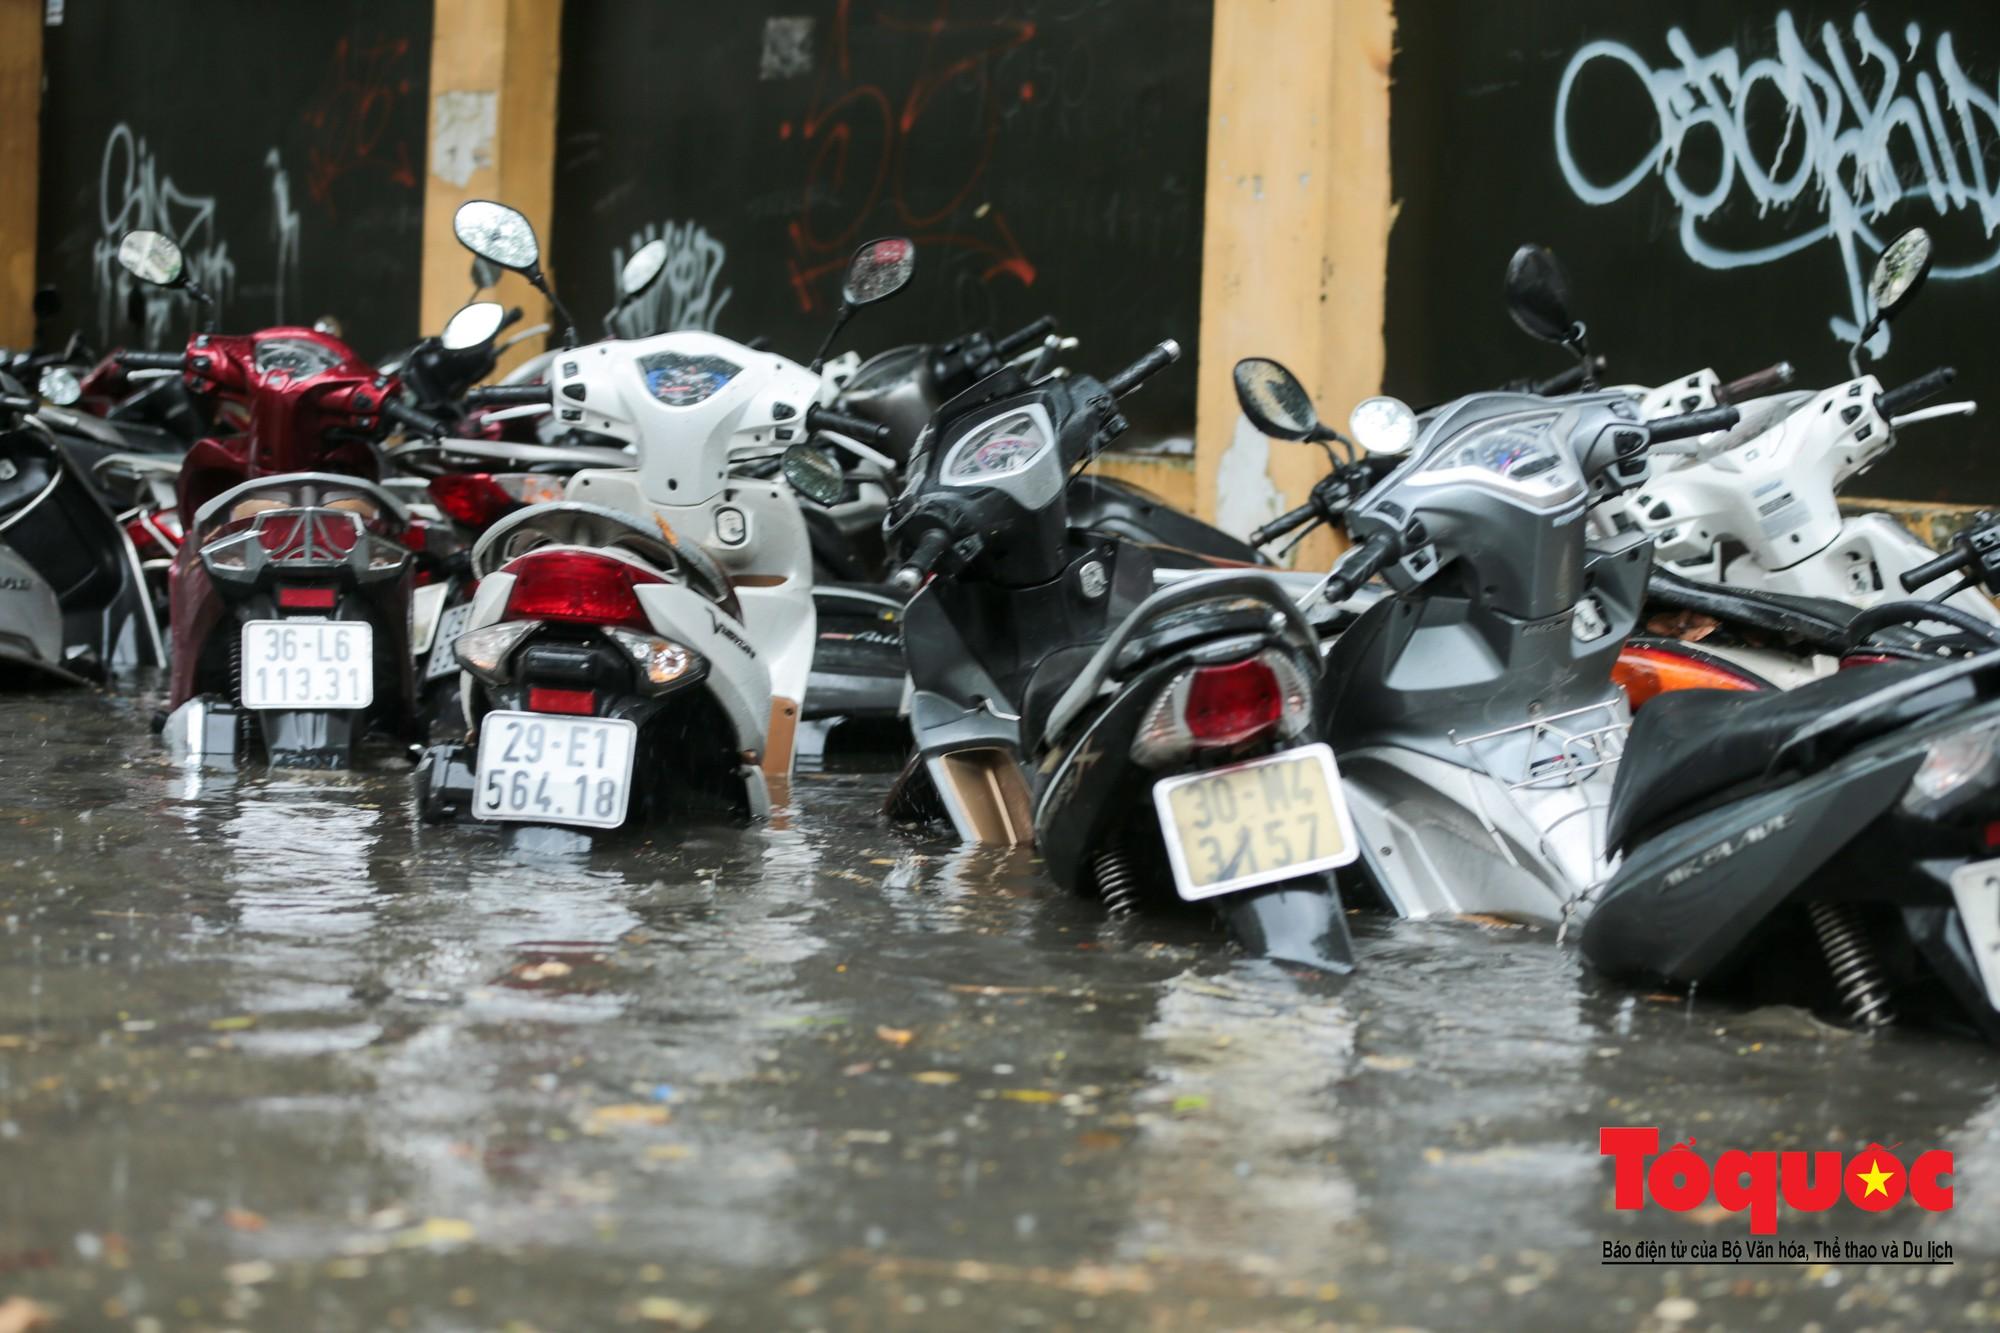 Hà Nội mưa lớn bất ngờ, nhiều tuyến đường lại ngập trong sâu biển nước6